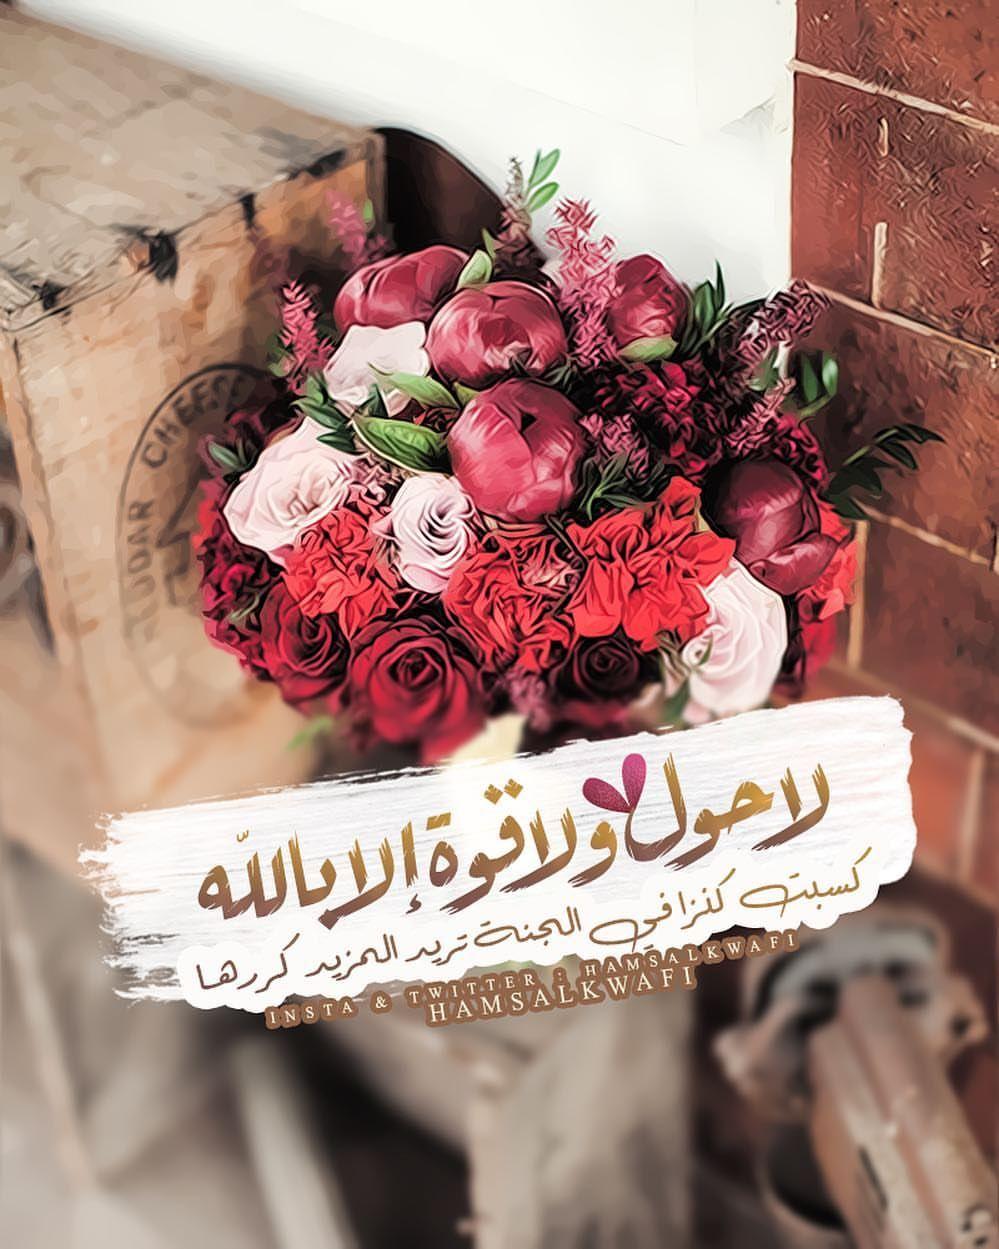 كنز من كنوز الجنة لا حول ولا قوة إلا بالله Islamic Pictures Arabic Love Quotes Christmas Wreaths